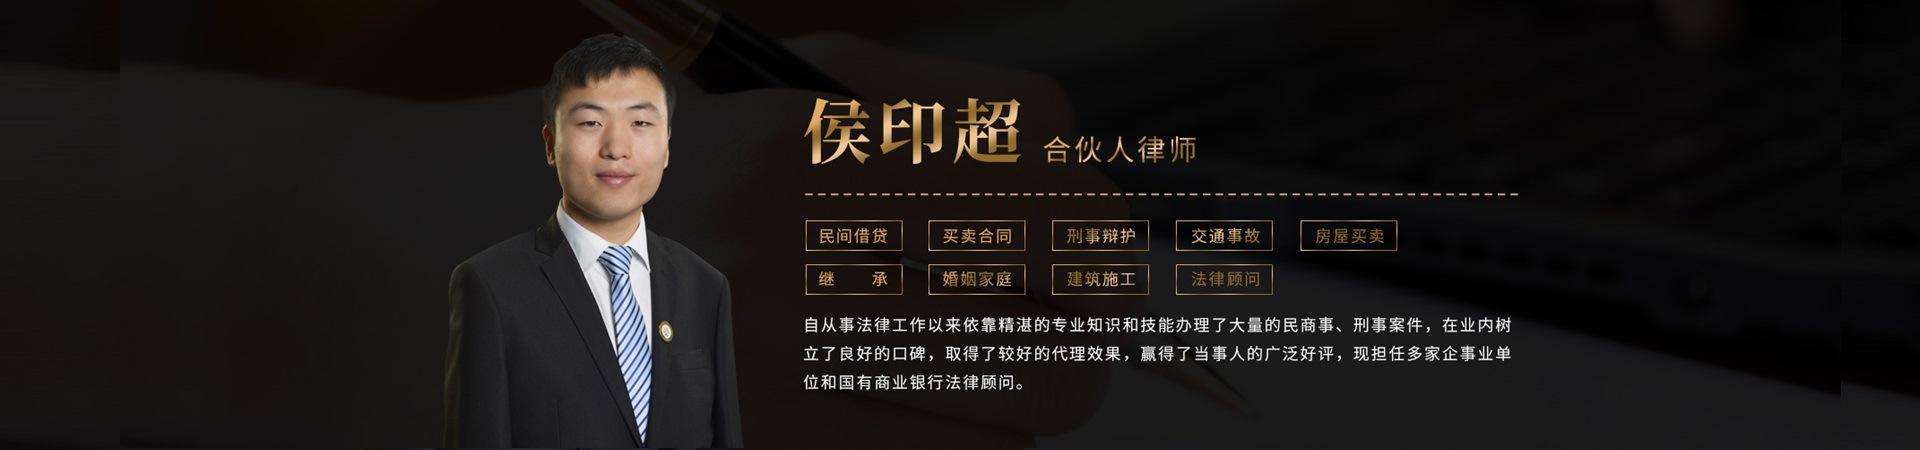 邯郸律师6